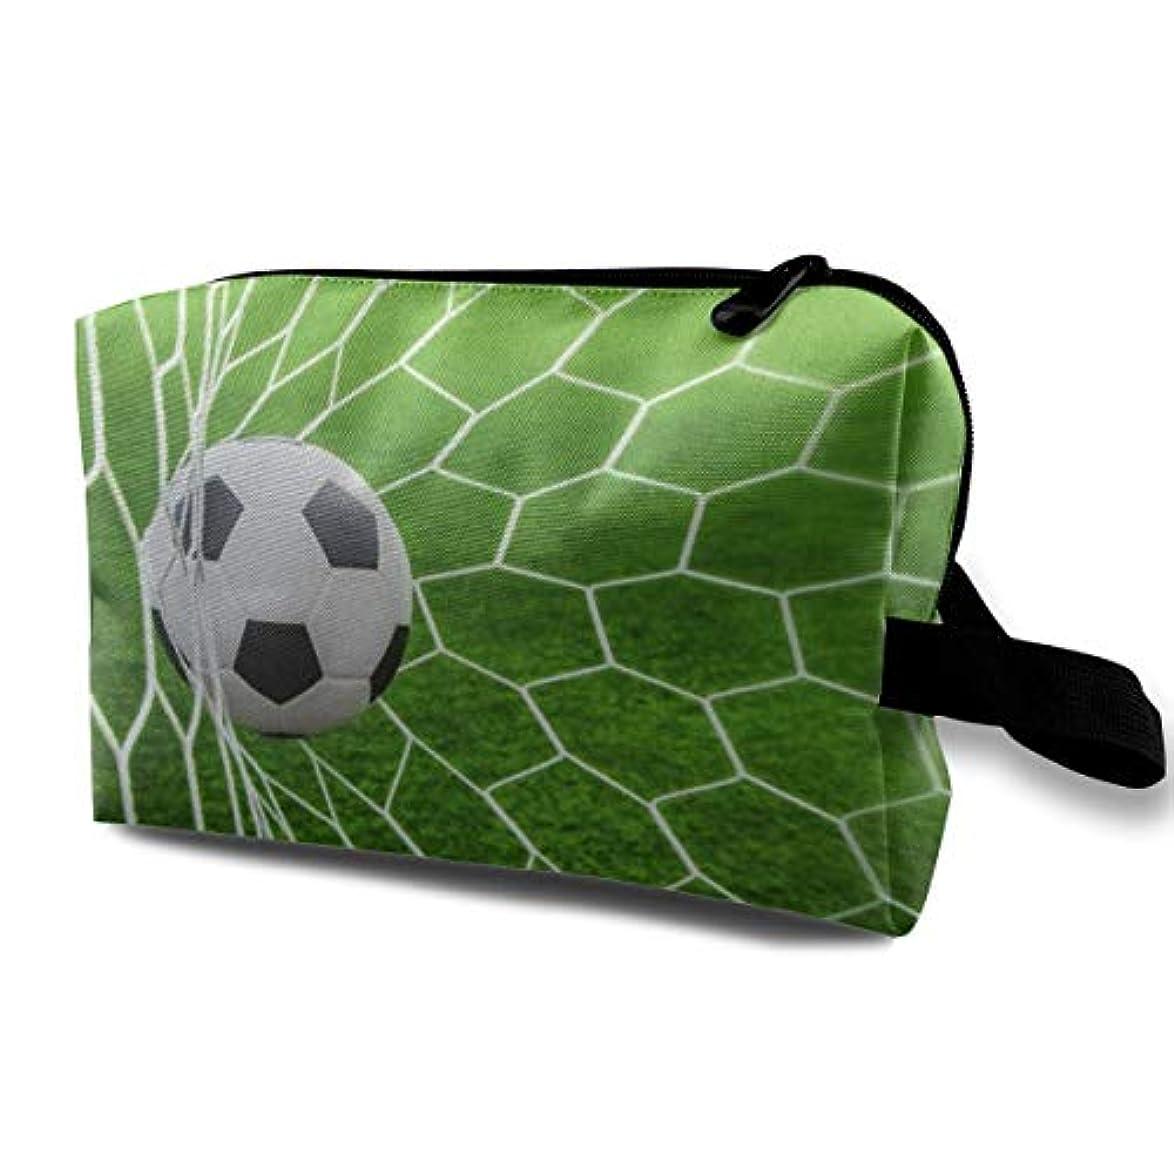 医学枝論理的Soccer Football In Goal 収納ポーチ 化粧ポーチ 大容量 軽量 耐久性 ハンドル付持ち運び便利。入れ 自宅?出張?旅行?アウトドア撮影などに対応。メンズ レディース トラベルグッズ